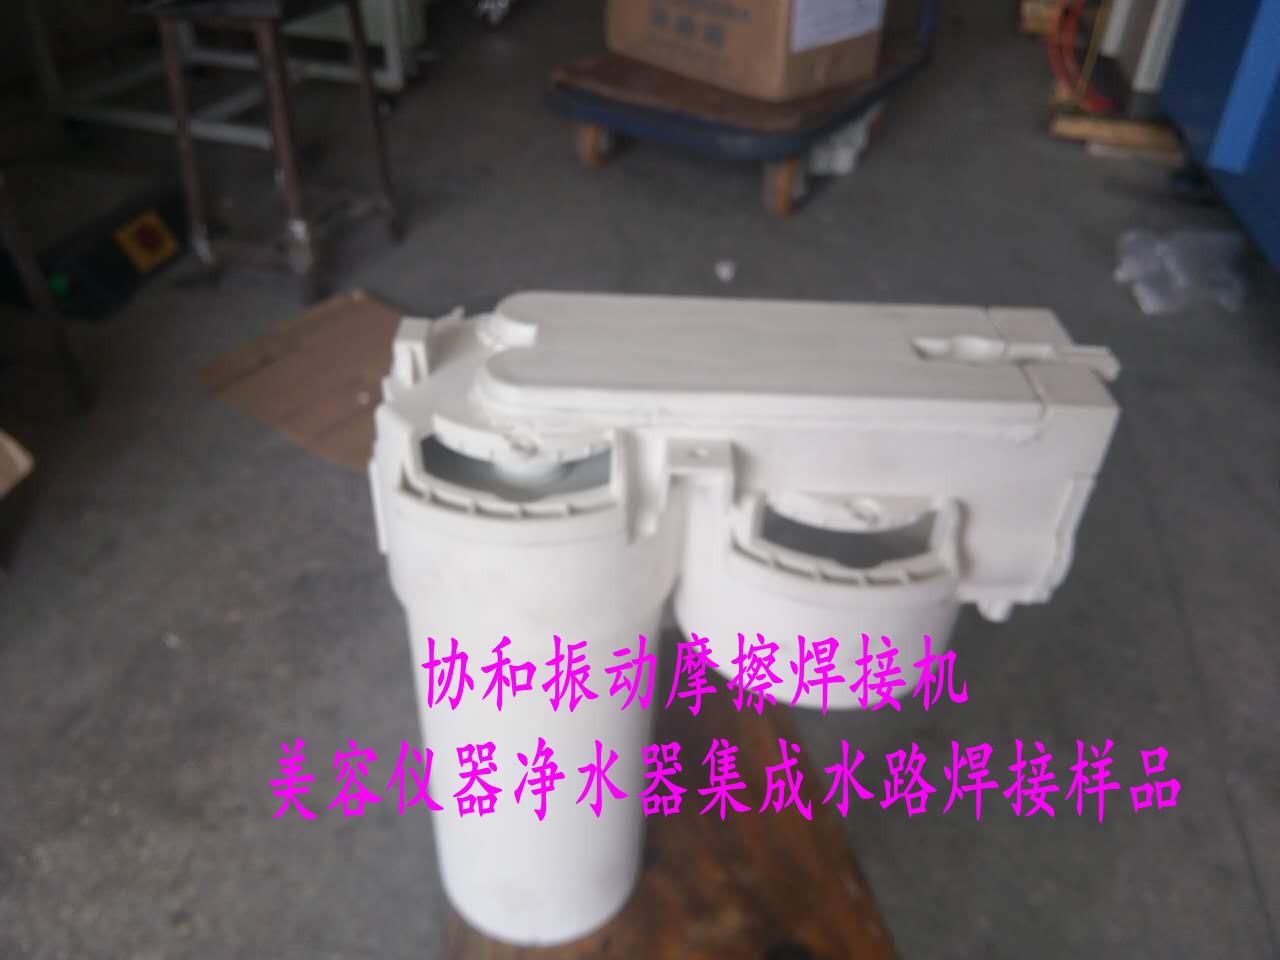 线性振动摩擦焊接机  XH-04型号 眼镜胶板医疗透析容器振动摩擦机示例图12